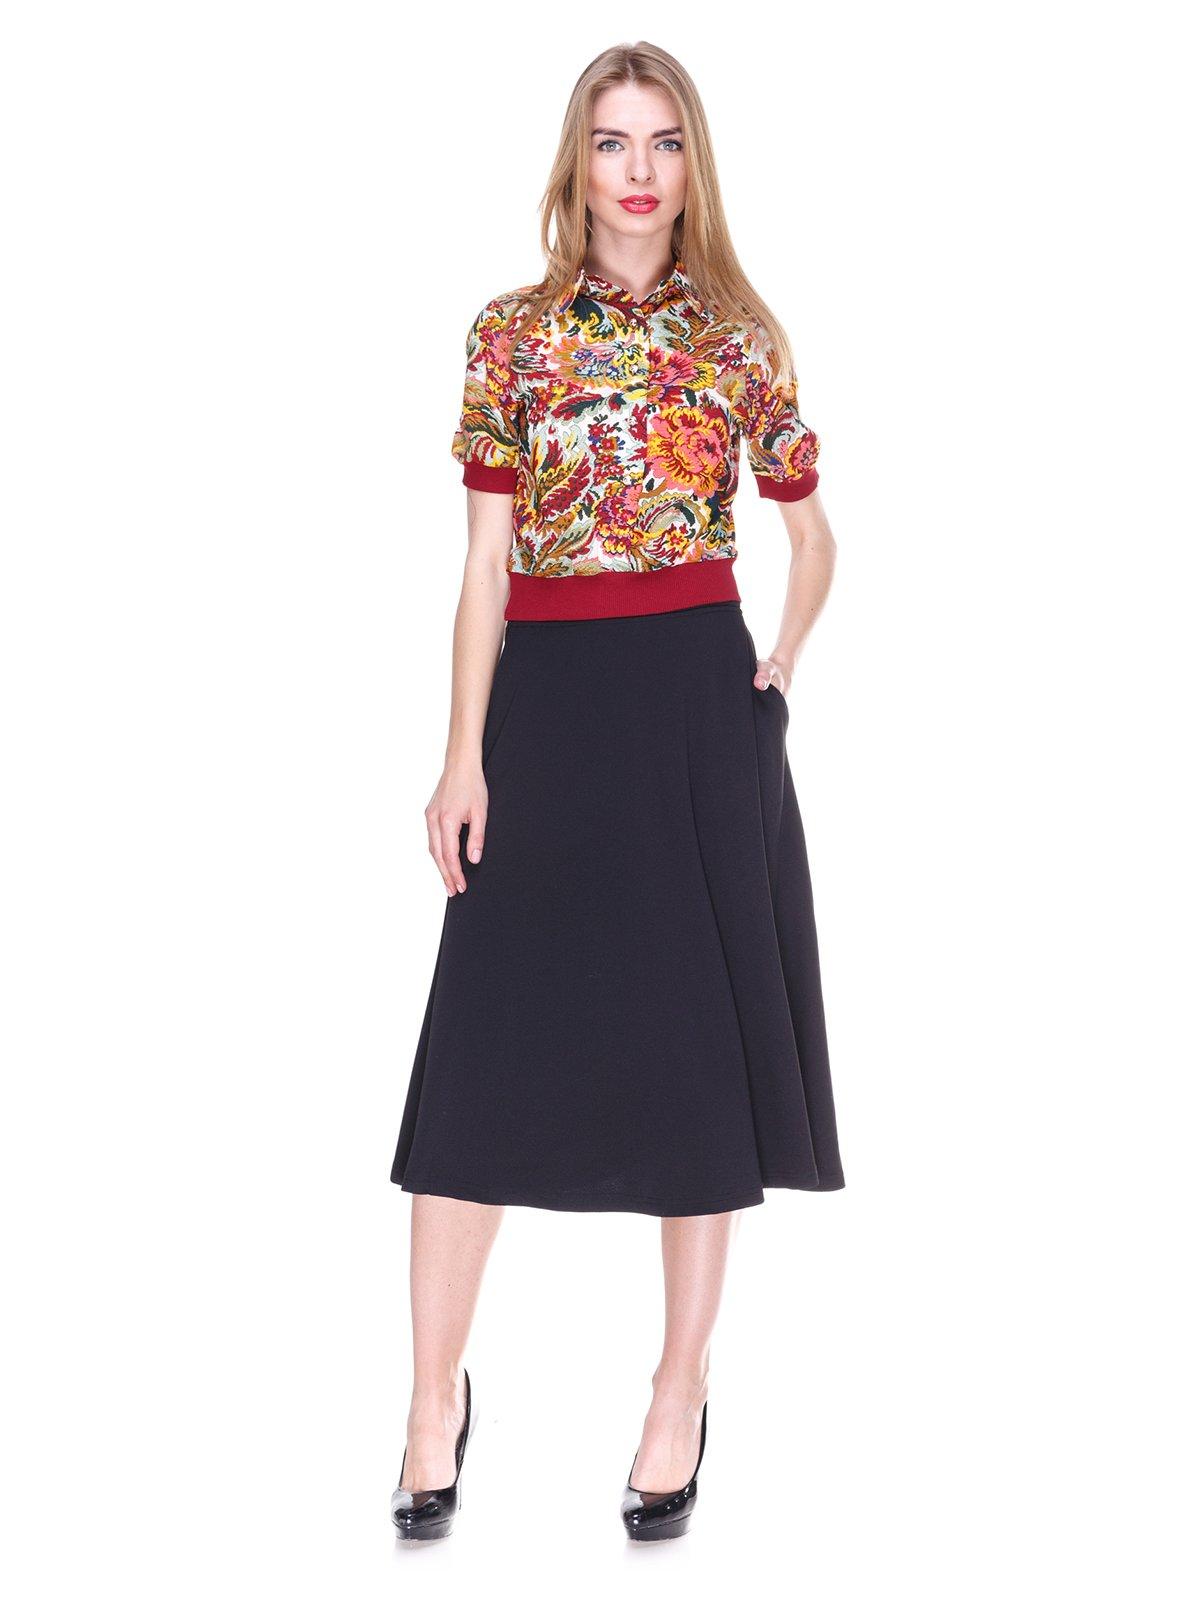 Блуза в квітковий принт | 2273968 | фото 4